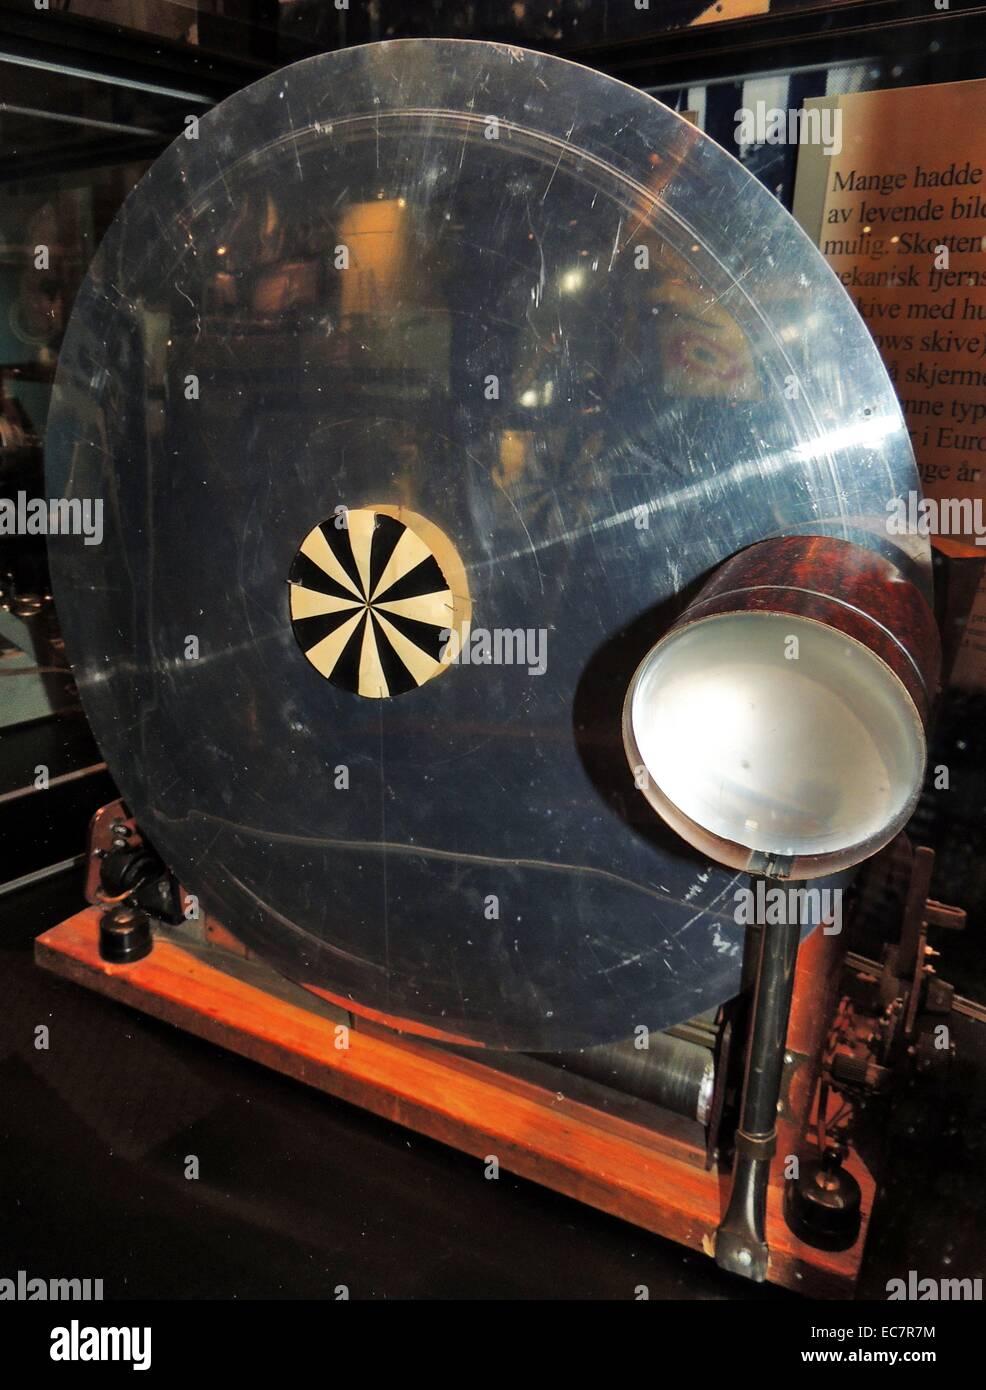 Récepteur de télévision à partir de 1928. Baird système électromécanique avec rotation disque de Nipkow. L'écran est divisé en 30 lignes de hauteur. Banque D'Images